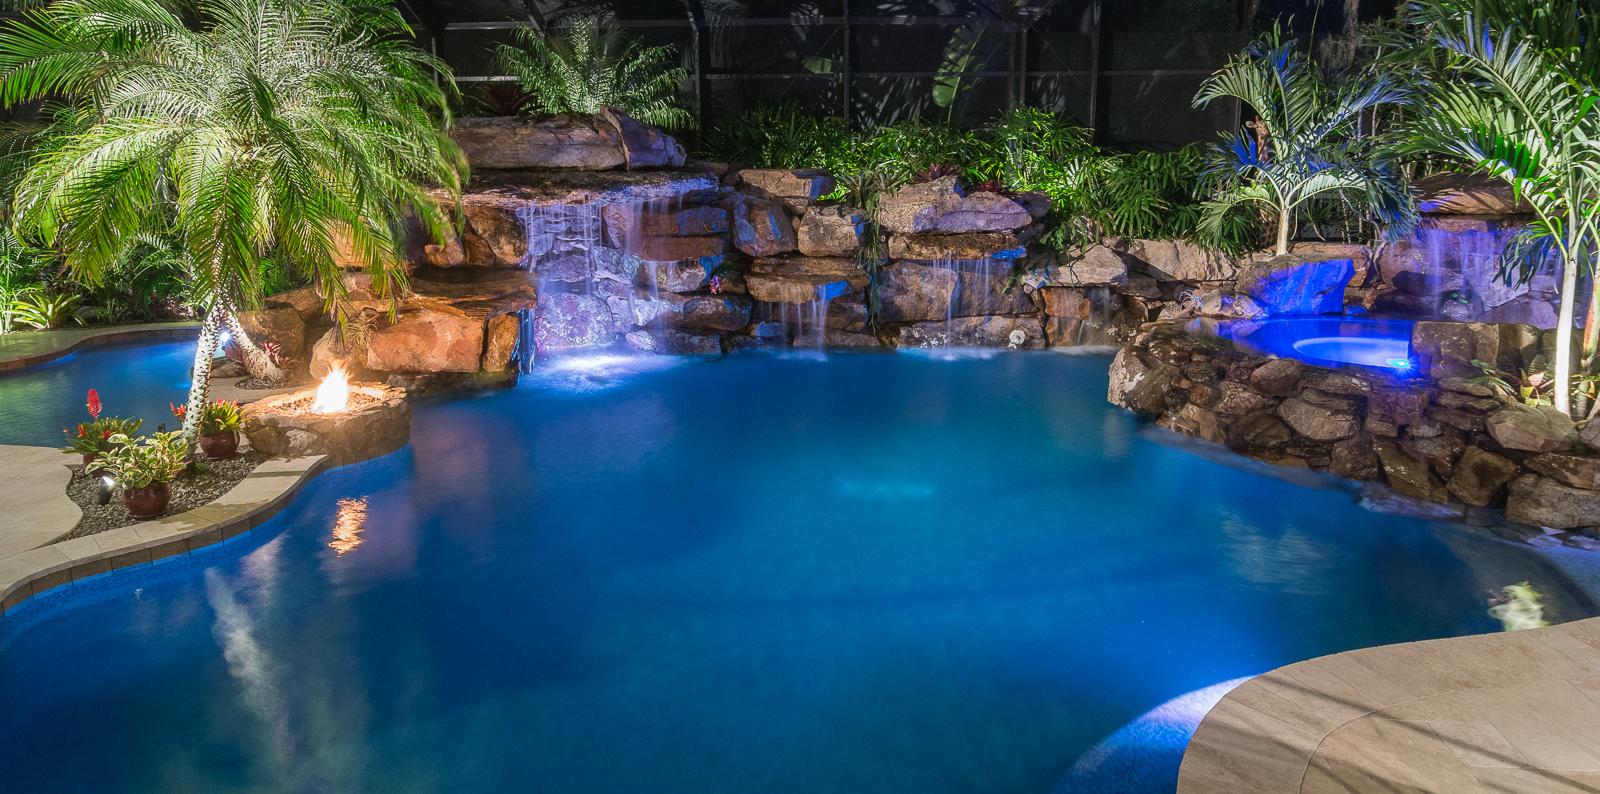 Insane pools tv episode zen the art of pools for Zen pool design